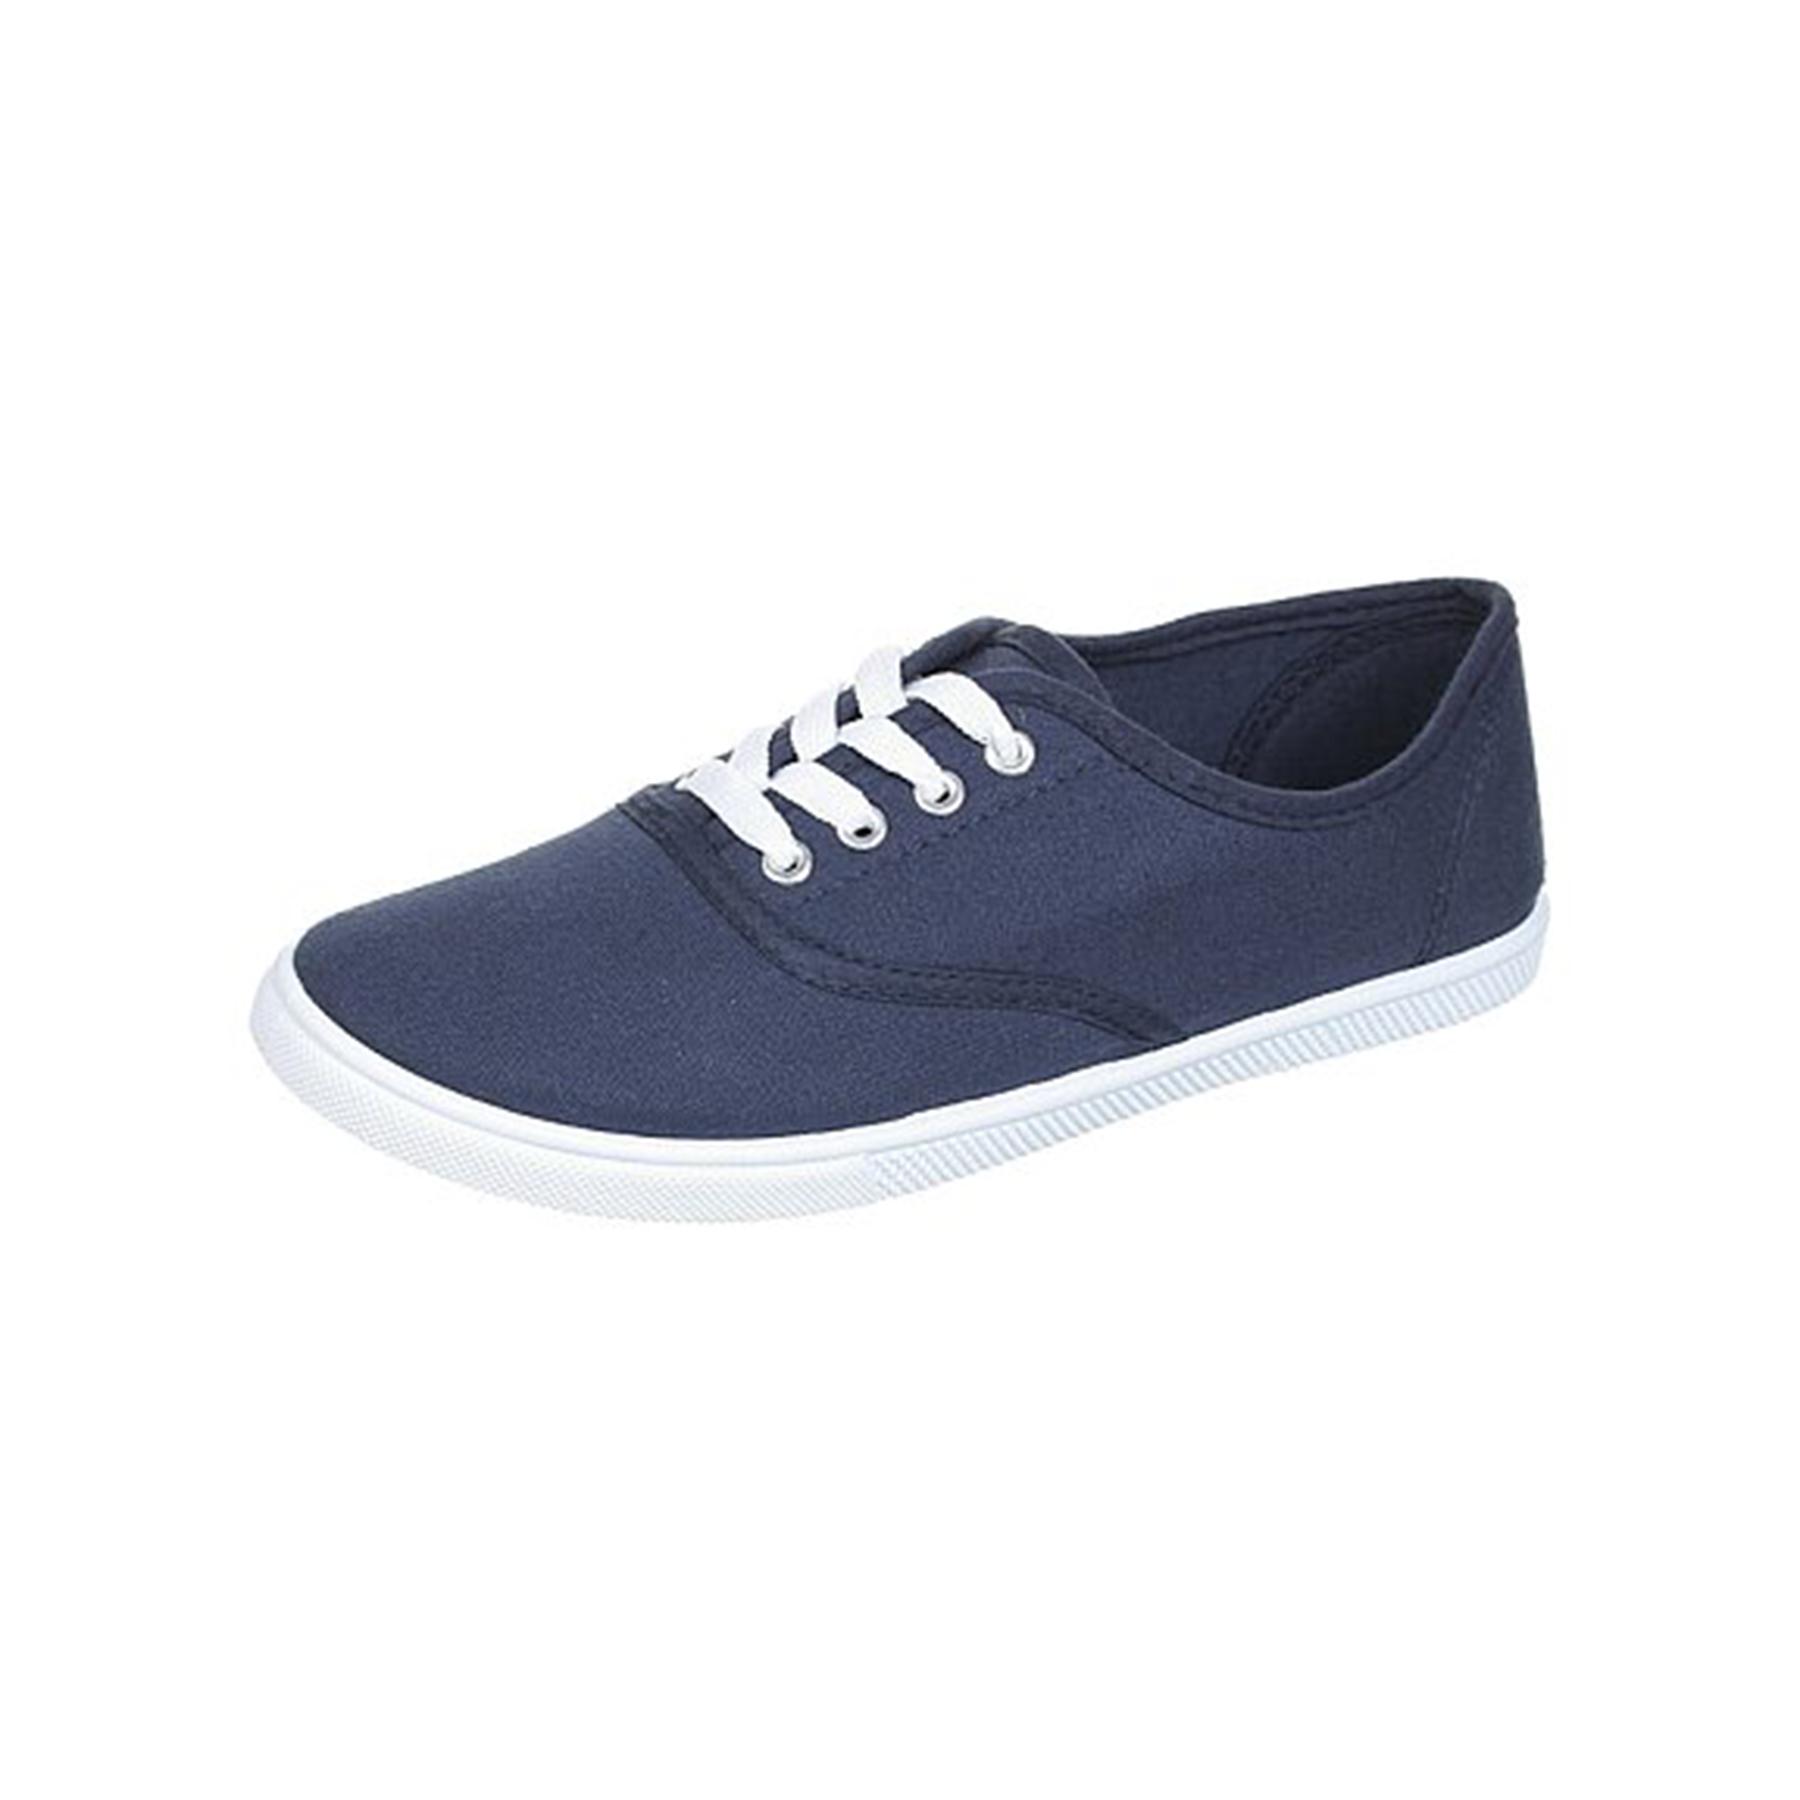 Обувь женская Trien LGC 9104 синий р. 38